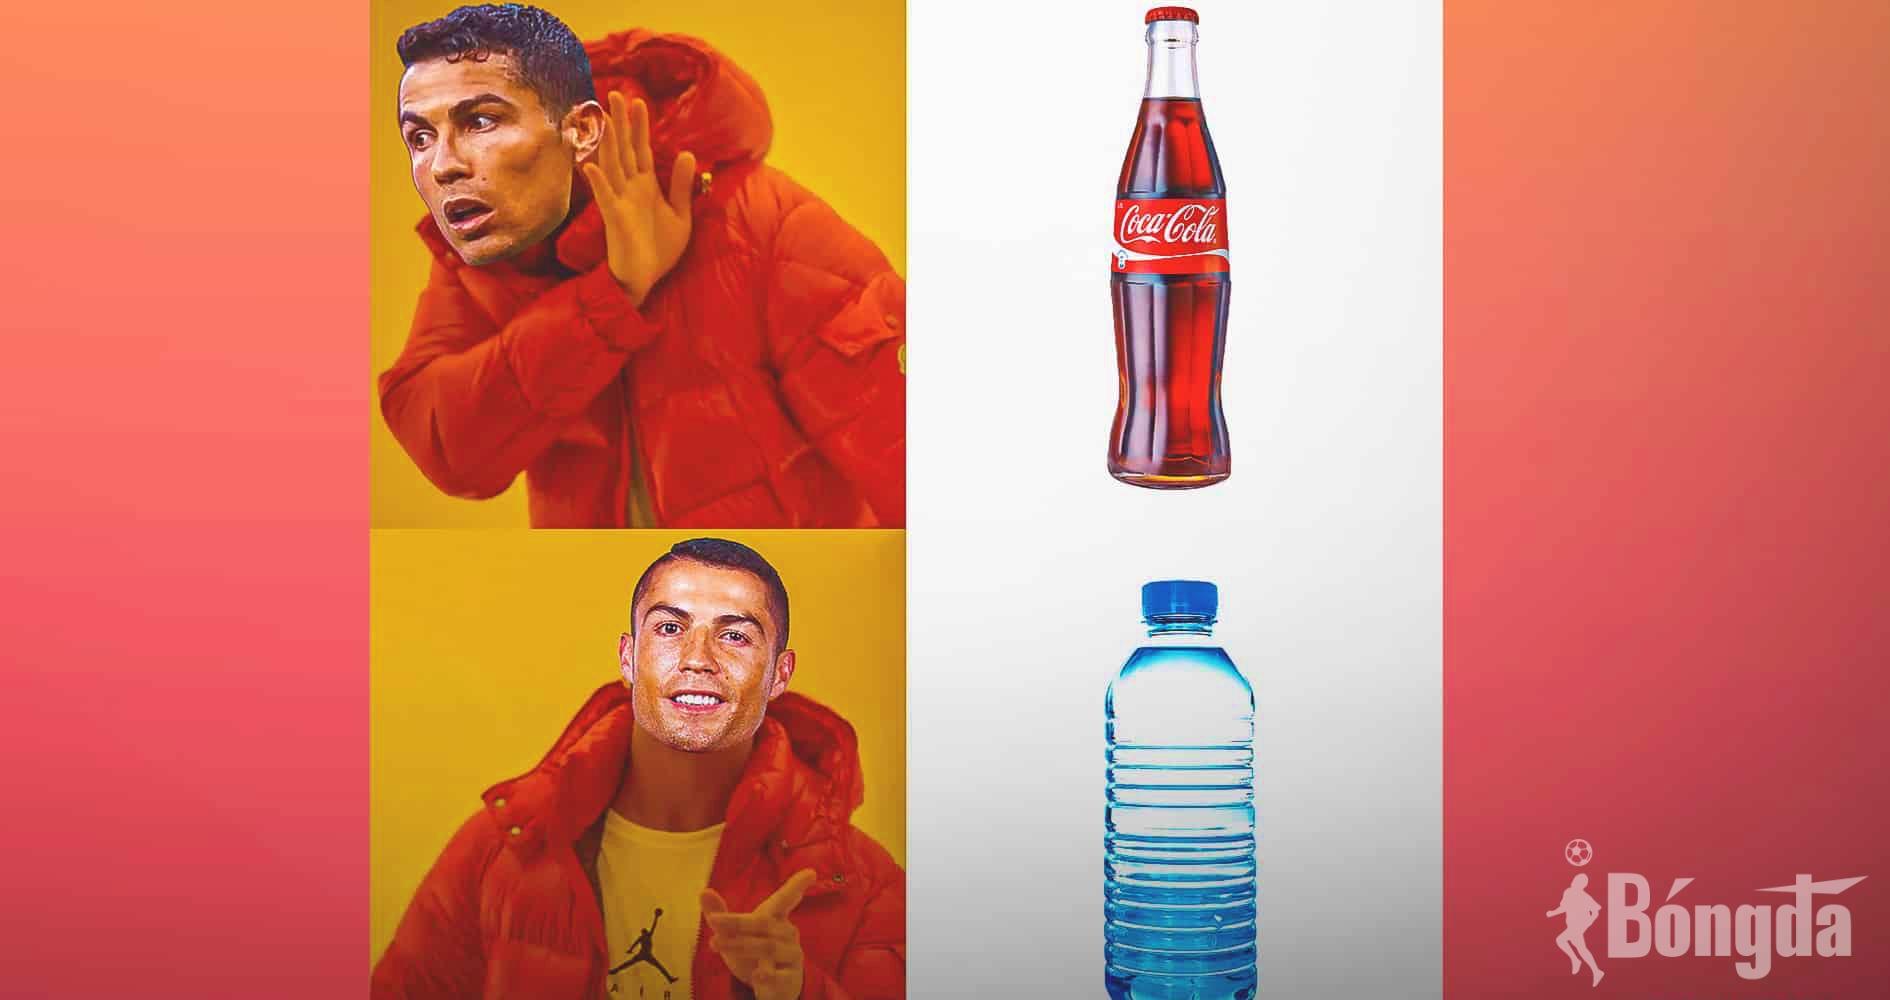 """SỐC: Lối sống lành mạnh của Ronaldo khiến Coca-Cola """"bốc hơi"""" 4 tỷ USD chỉ trong vài giờ đồng hồ"""